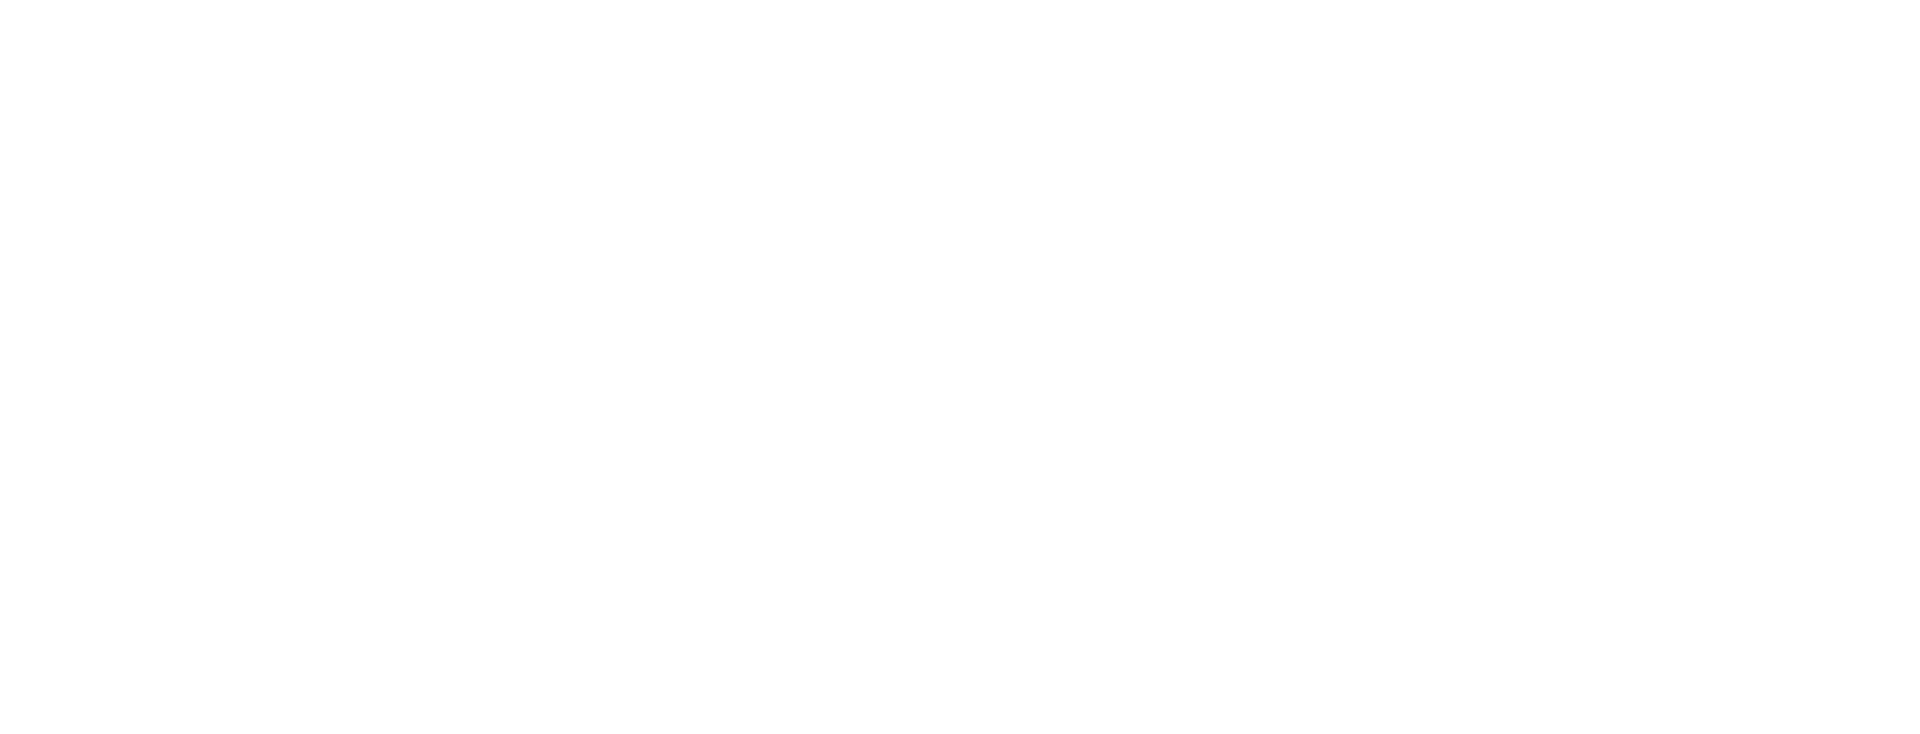 1920×800-min